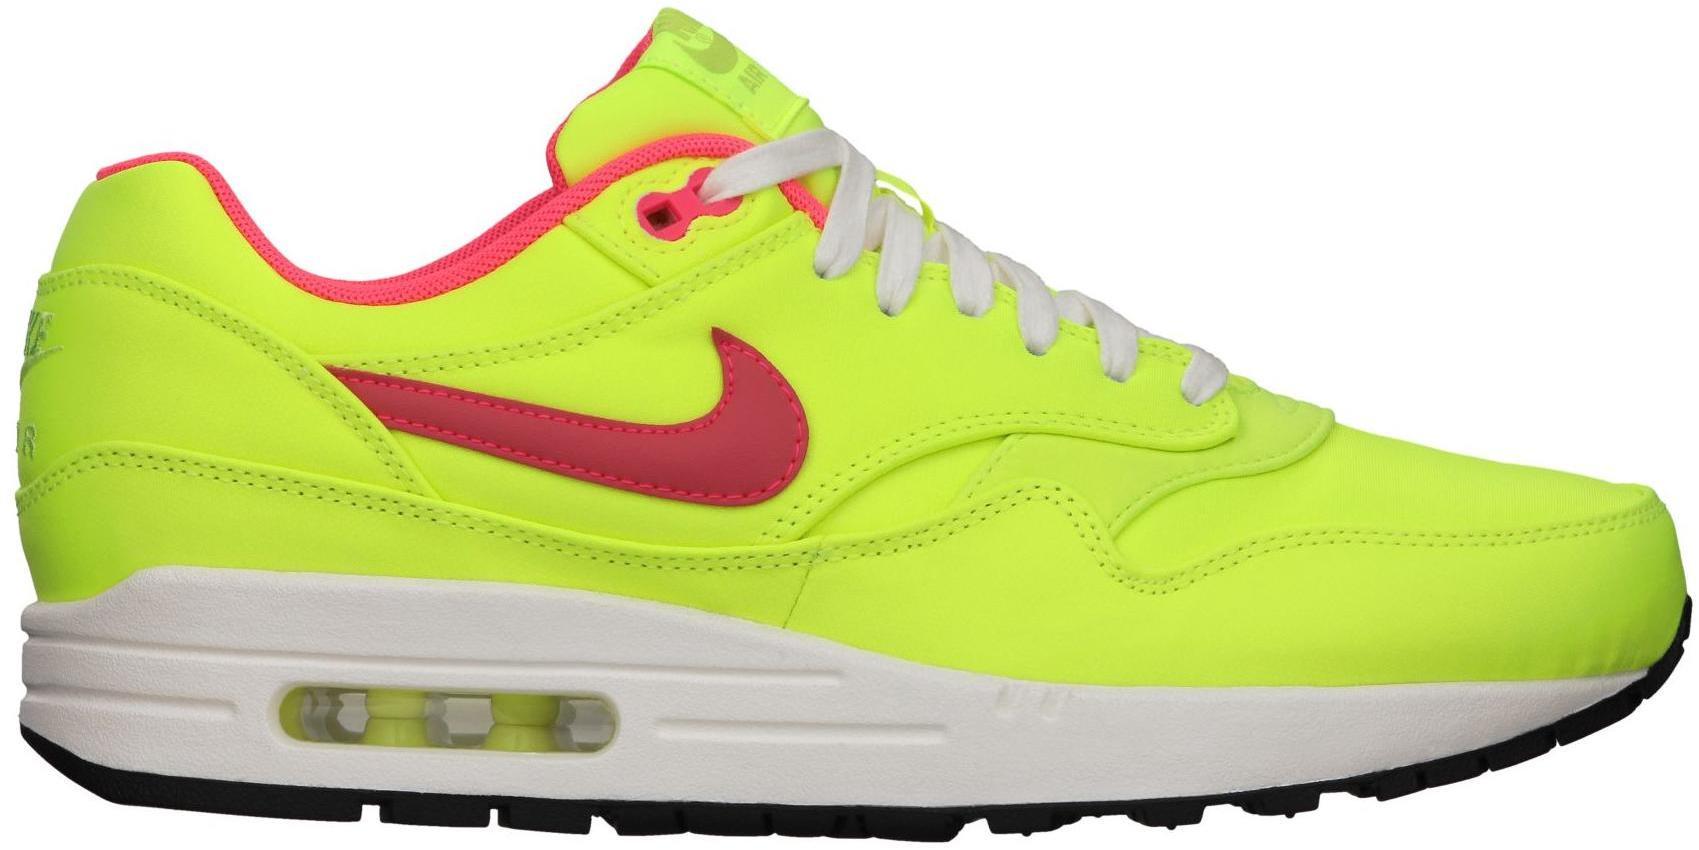 Nike Air Max 1 Magista Volt - 665873-700